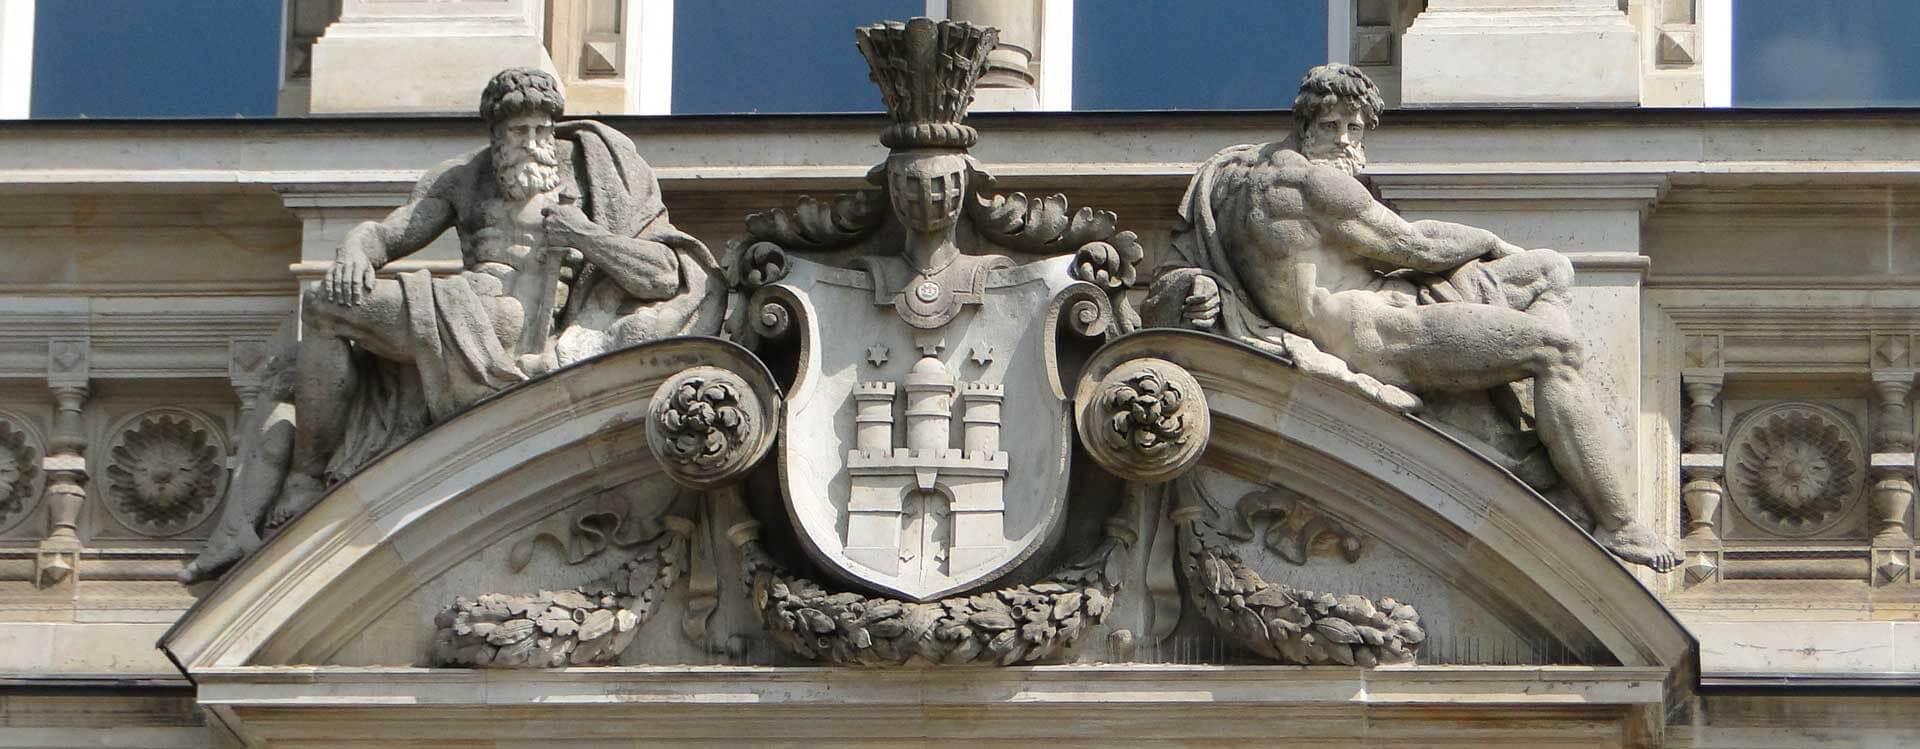 Landgericht | Strafverteidiger für die Revision gegen Urteile des Landgerichtes Hamburg | Sexualstrafrecht Hamburg